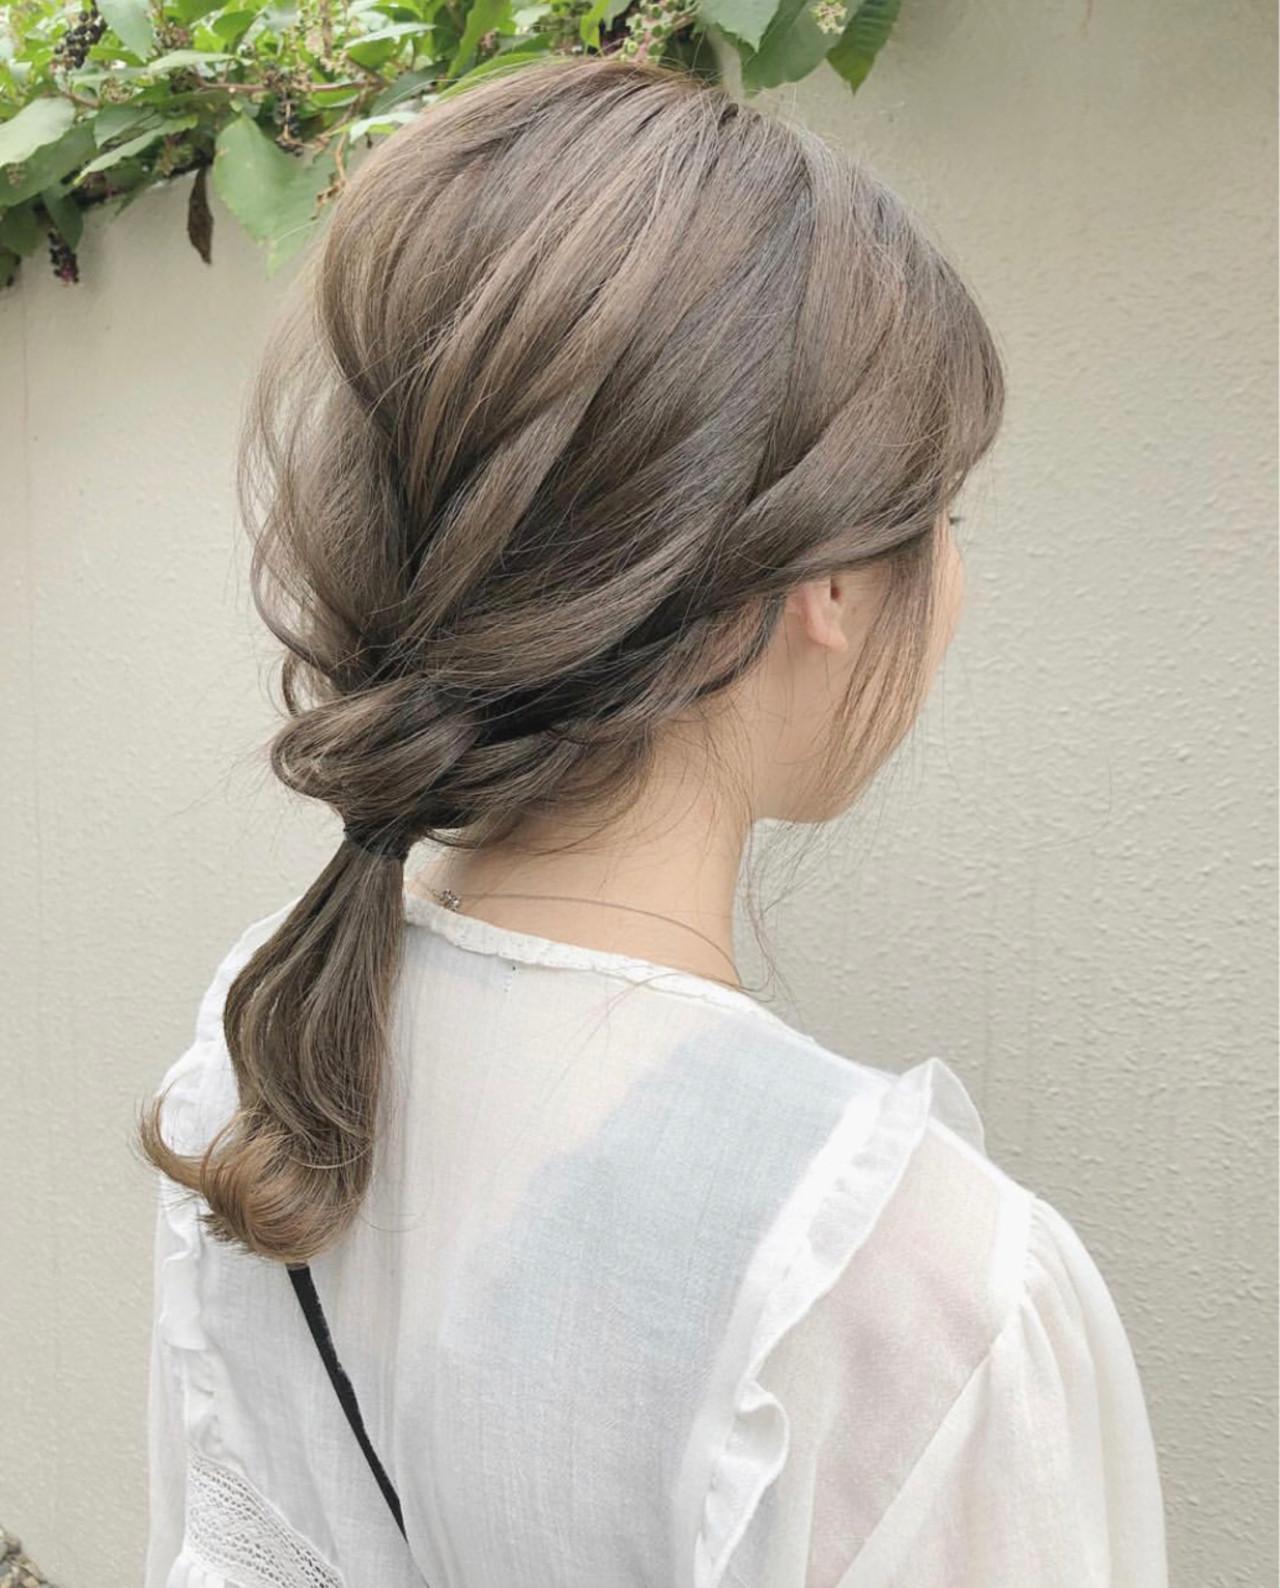 ミルクティーベージュ ミルクティー アッシュ グレージュ ヘアスタイルや髪型の写真・画像 | taku / La familia hair home